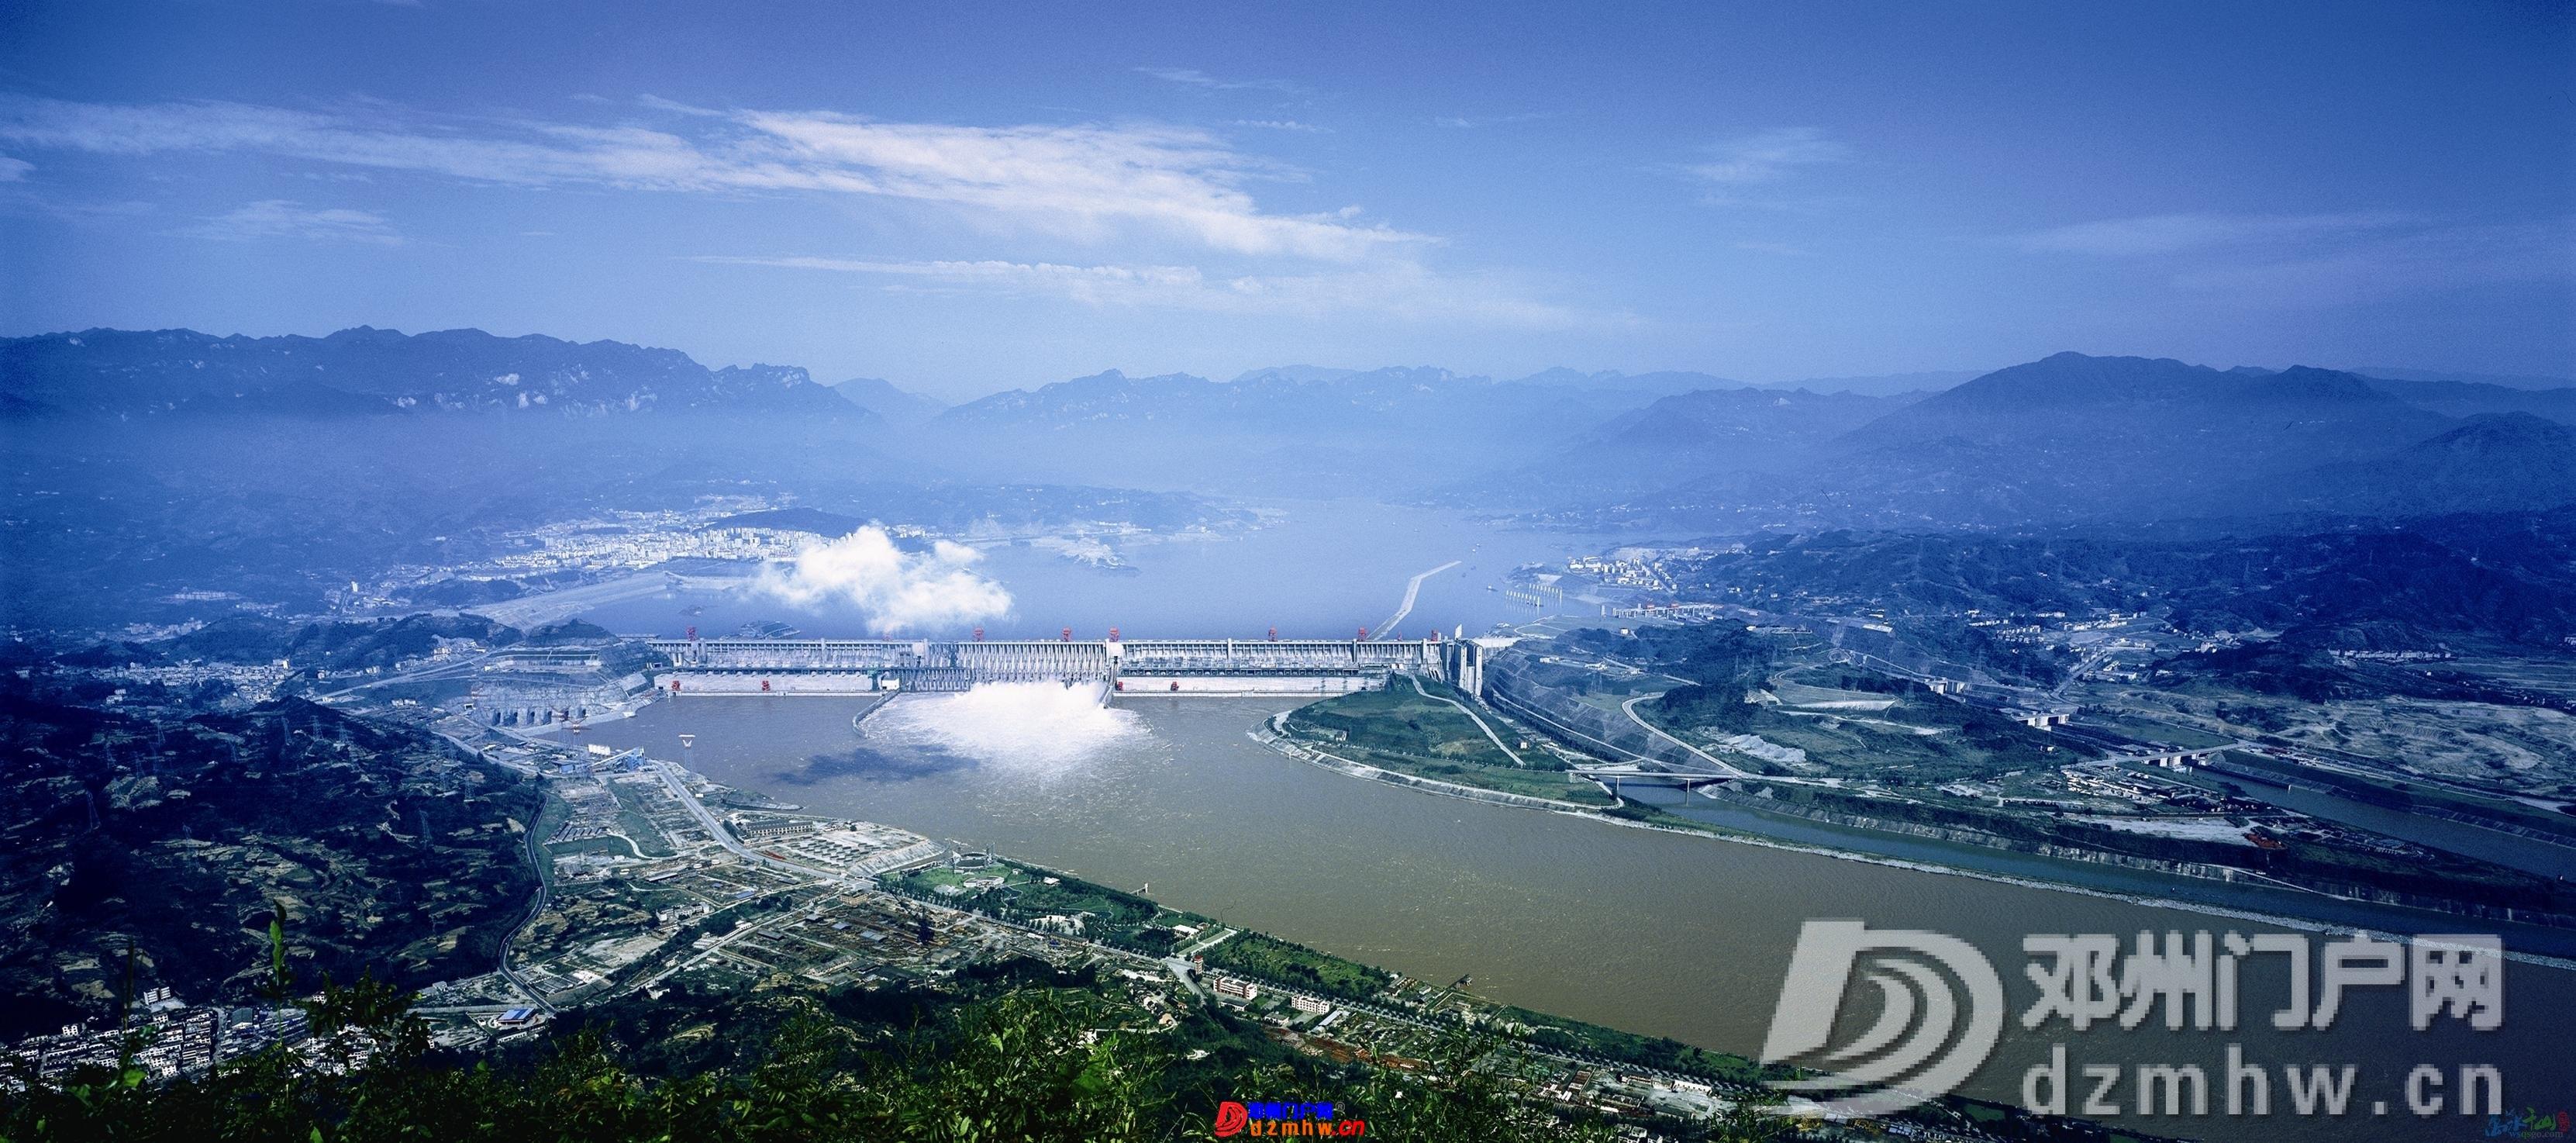 长江三峡全程详细旅游攻略 - 邓州门户网|邓州网 - 23205123O-5.jpg